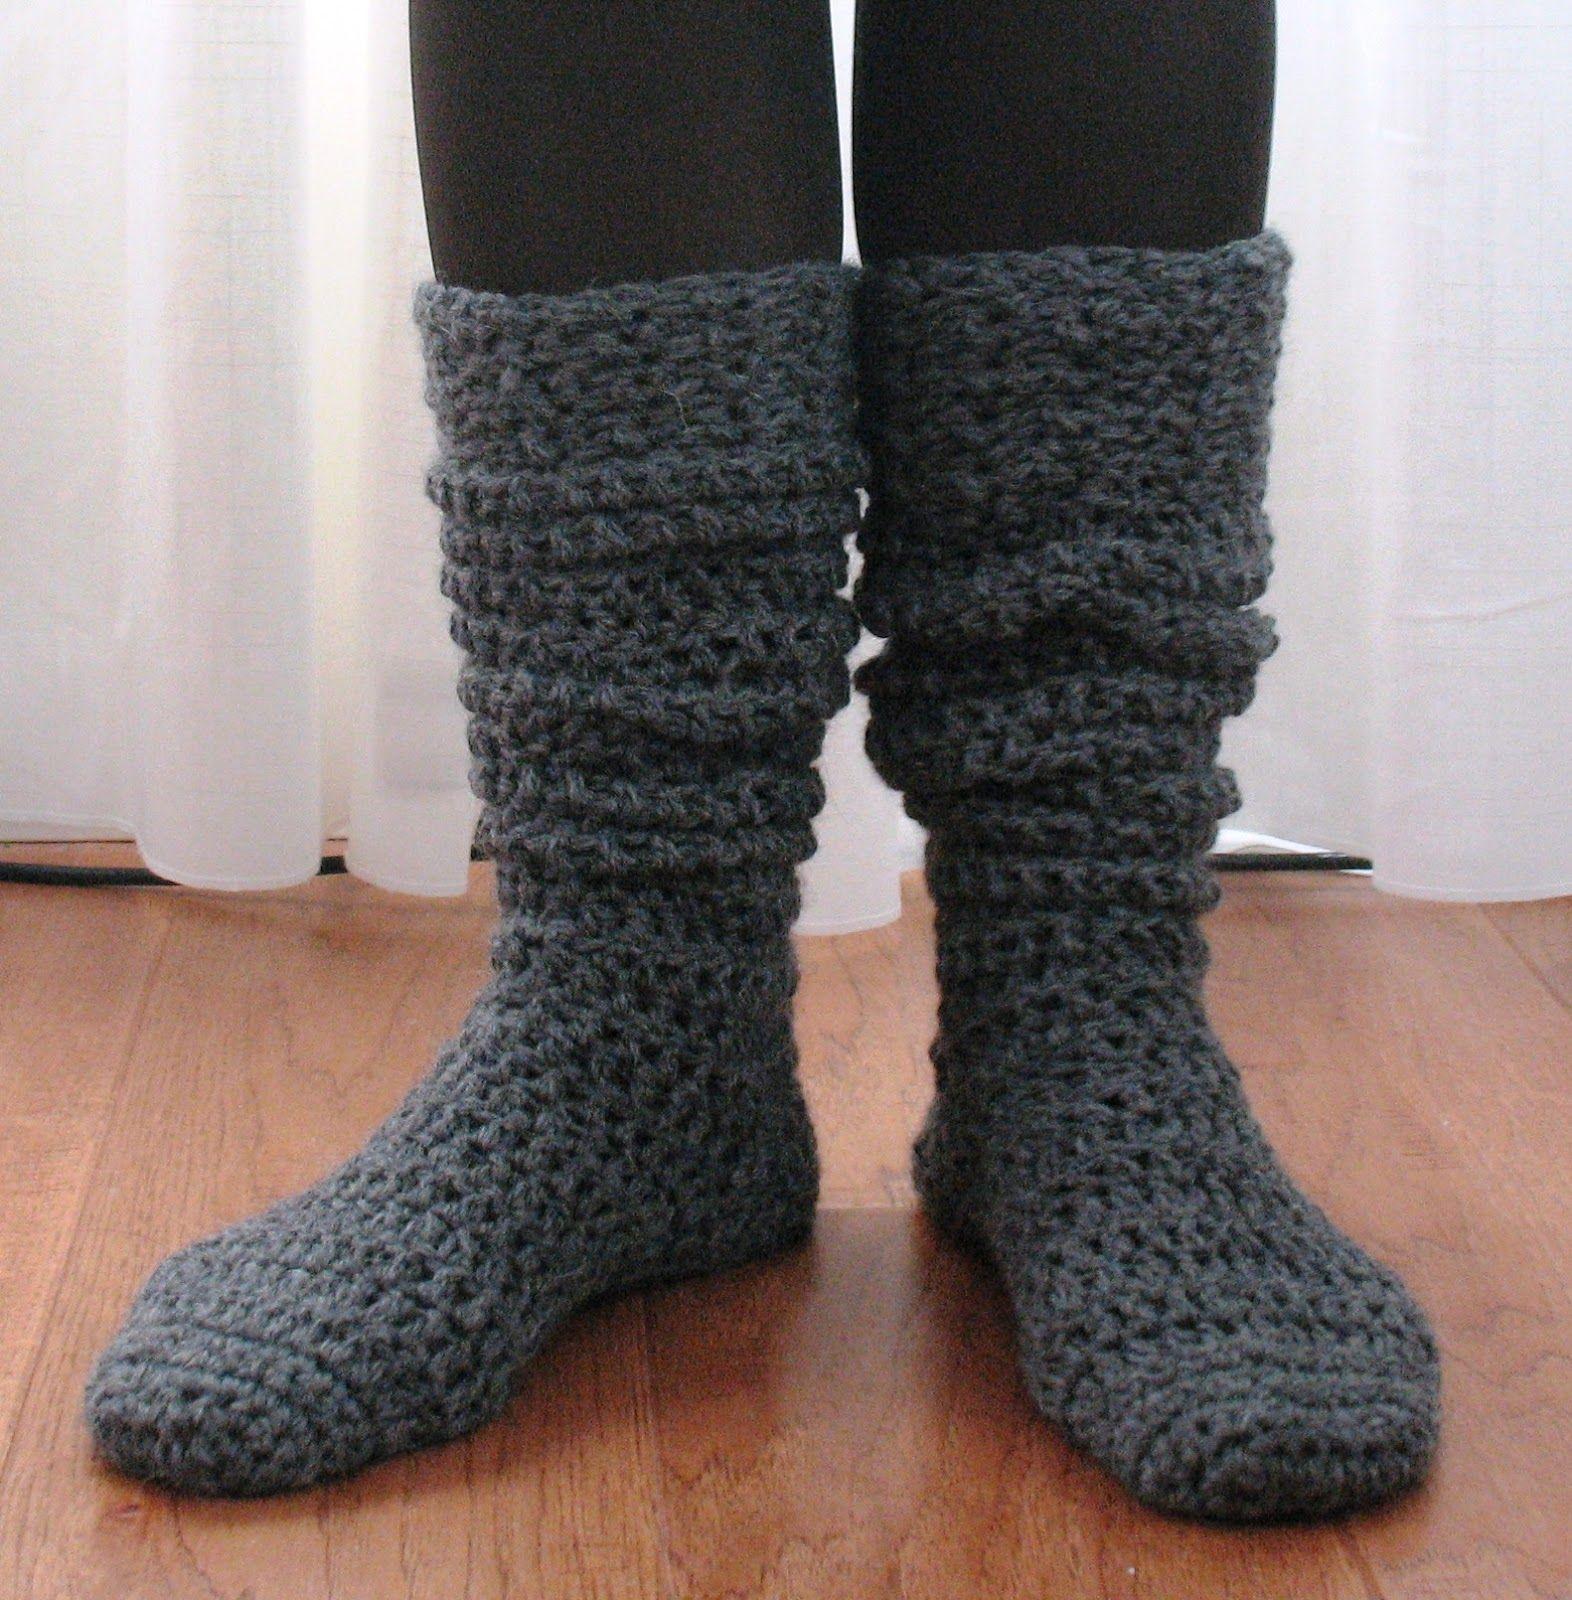 Ball Hank n\' Skein: Knee-High Boot Socks! | Crochet Patterns ...